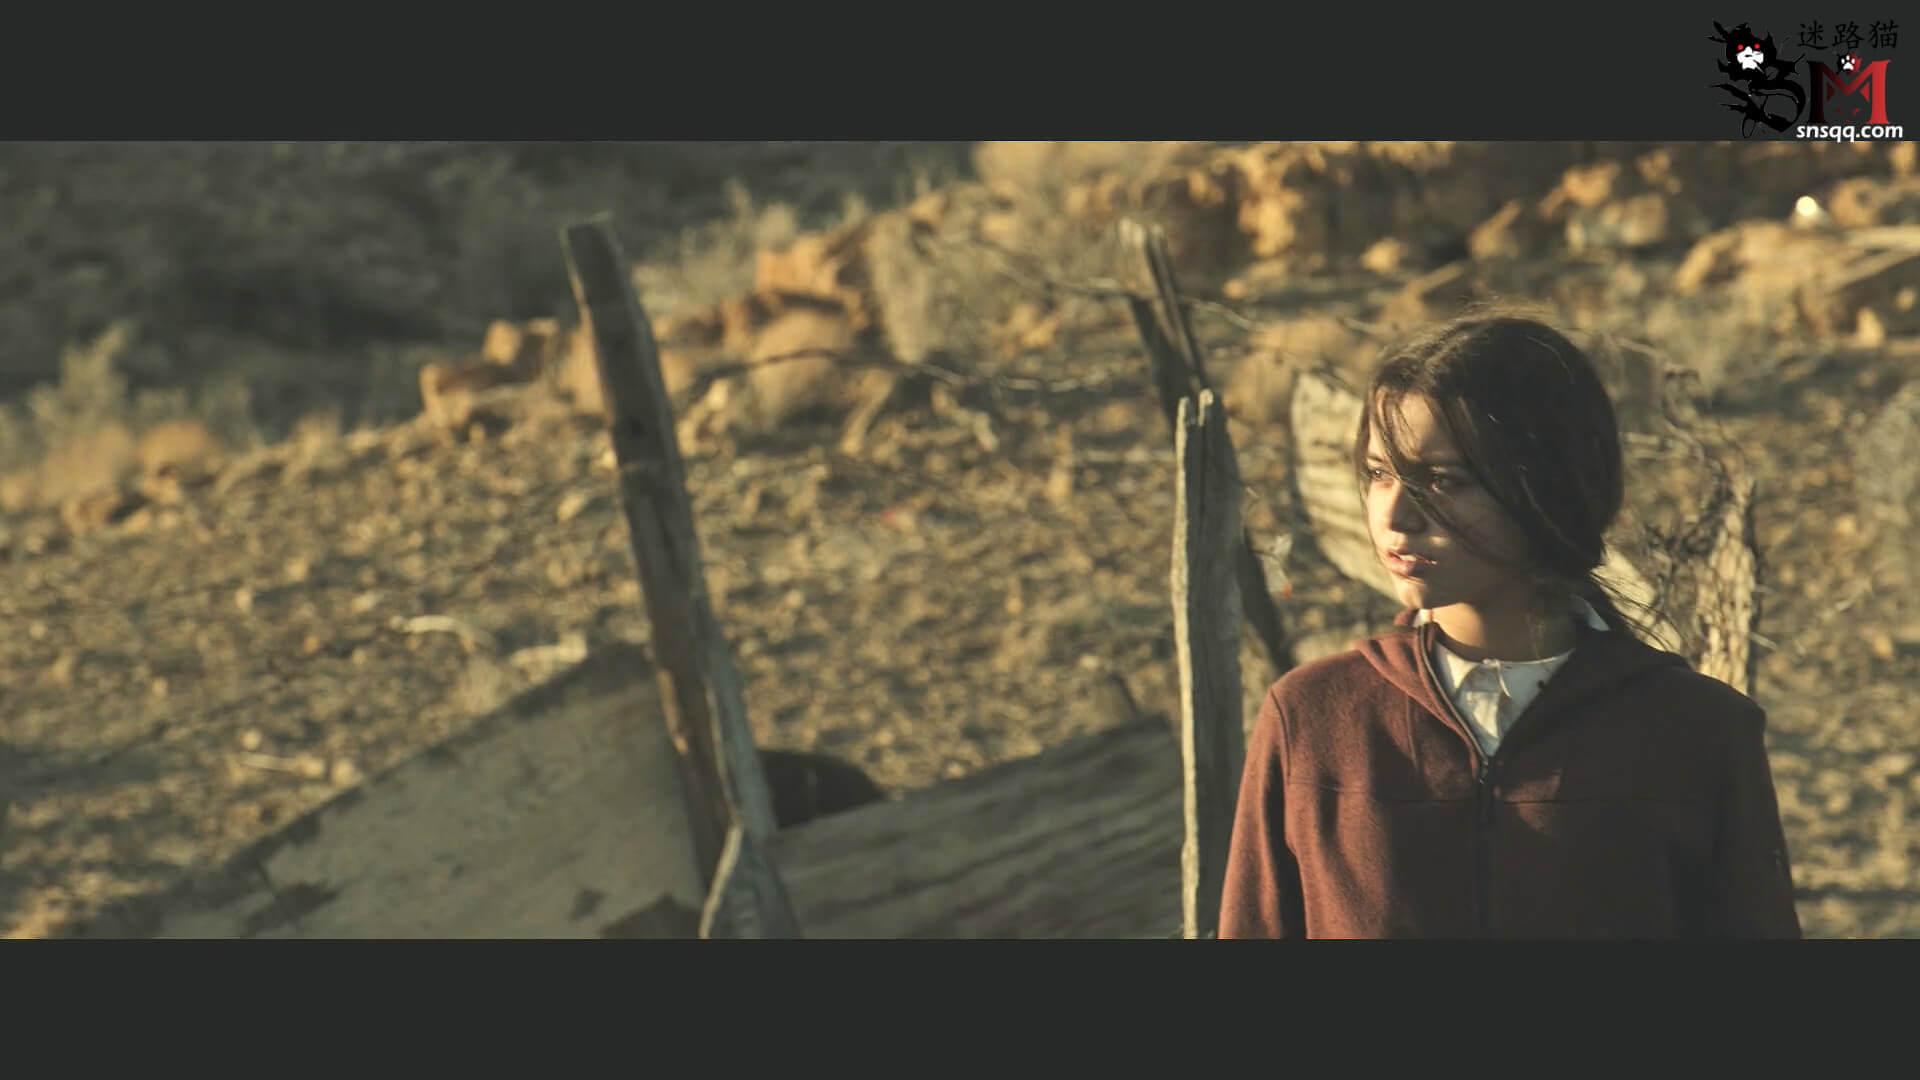 《边境杀手2》一脸御姐气质的萝莉亲自示范扎带束缚